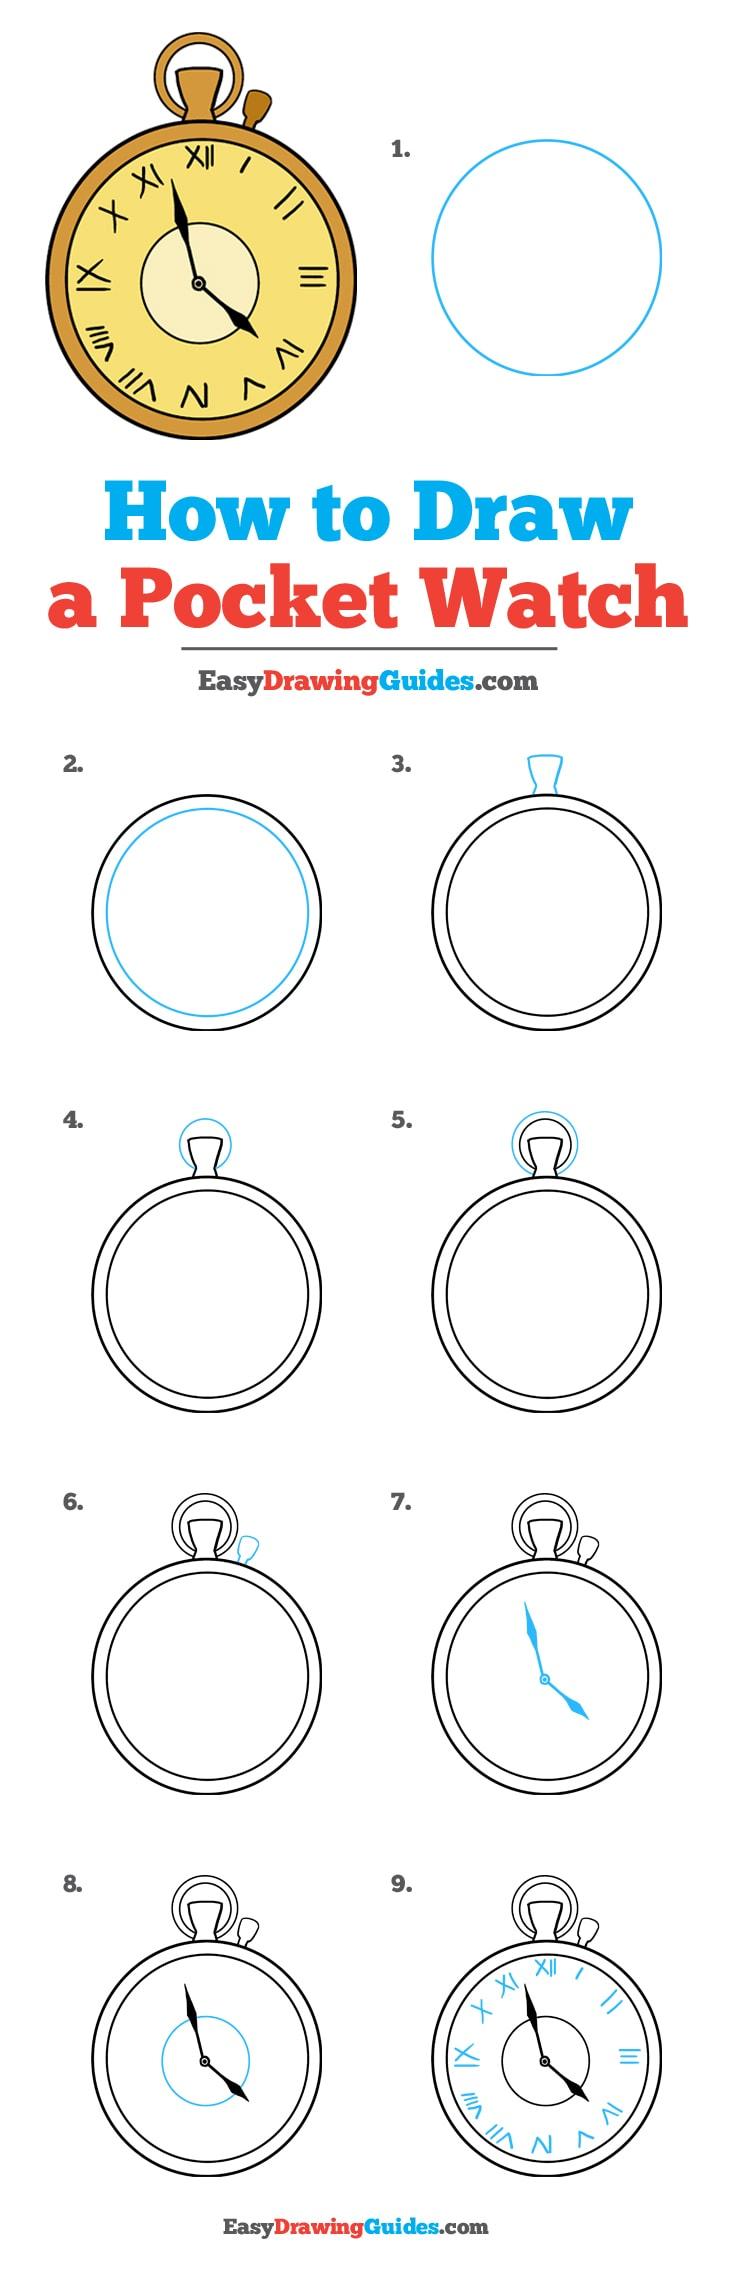 How to Draw Pocket Watch